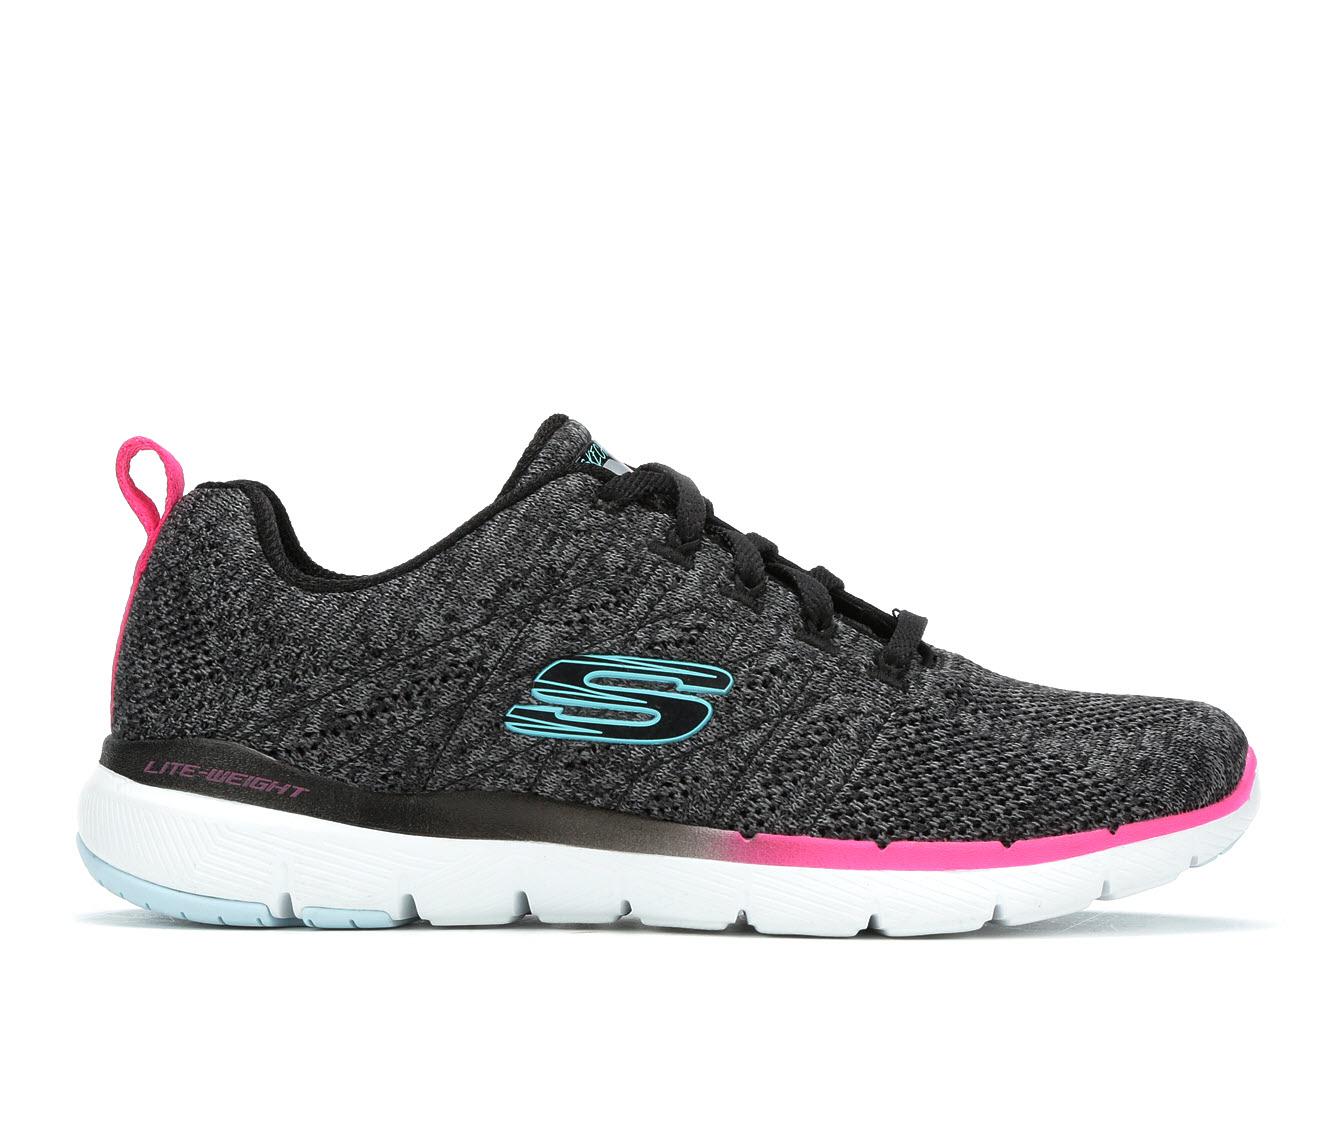 Skechers Reinfall 13058 Women's Athletic Shoe (Black)